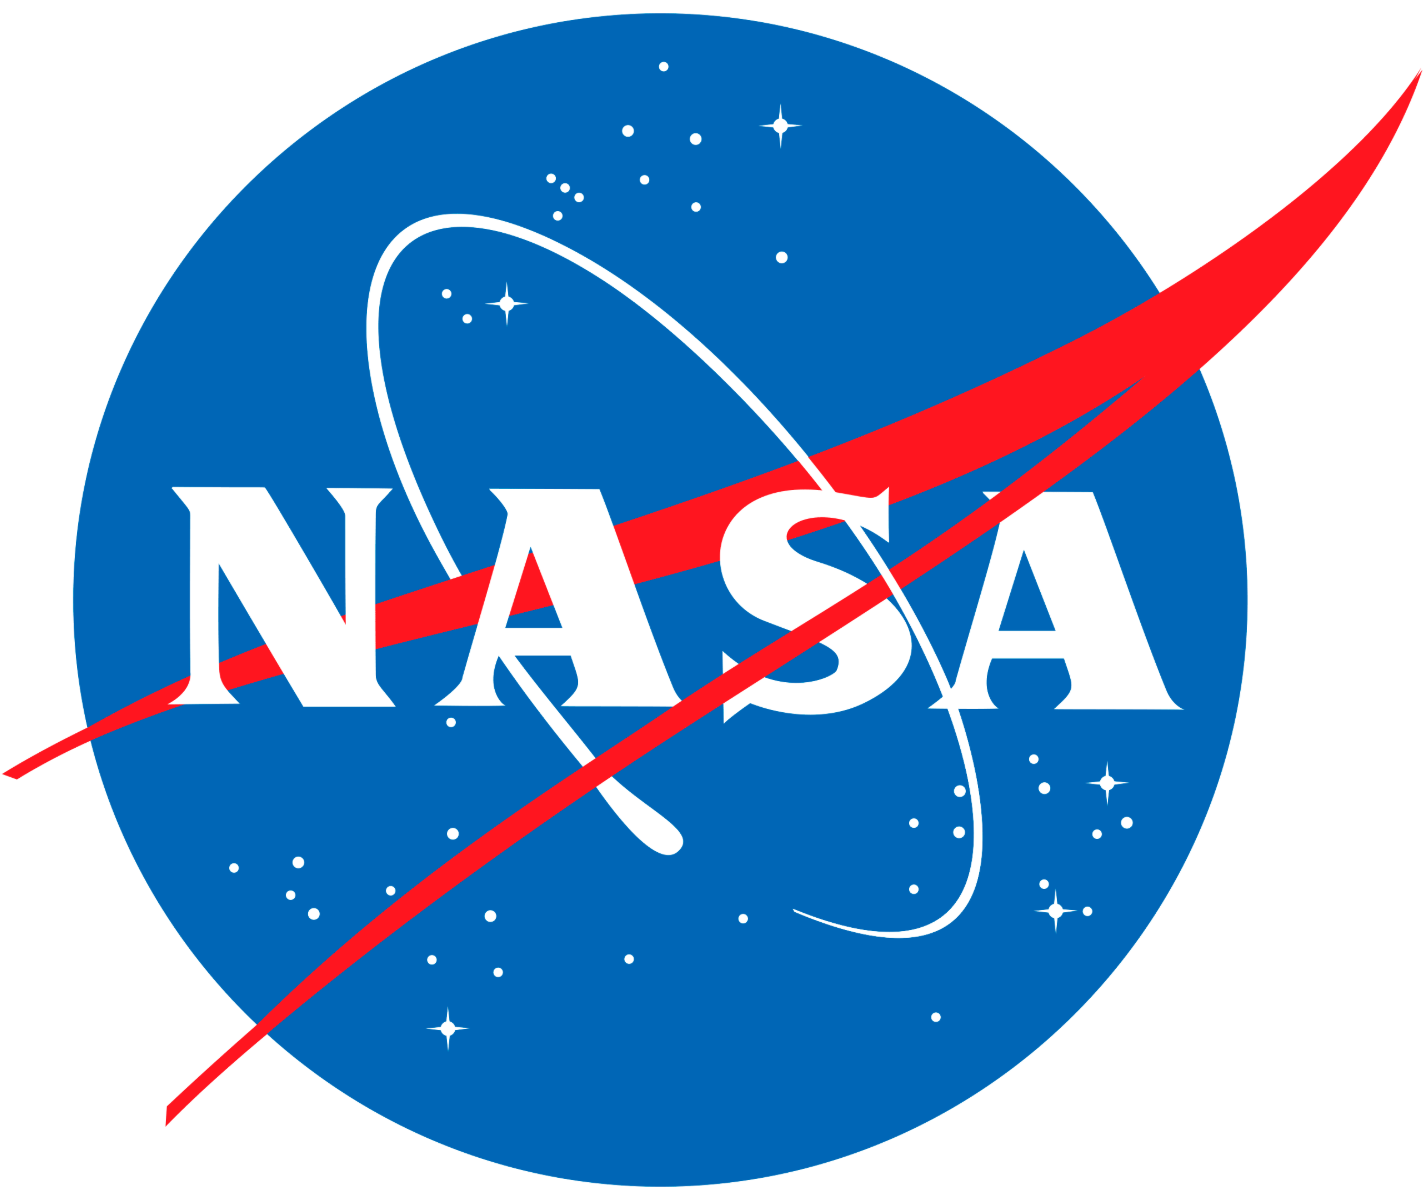 Nasa logo 1959 present